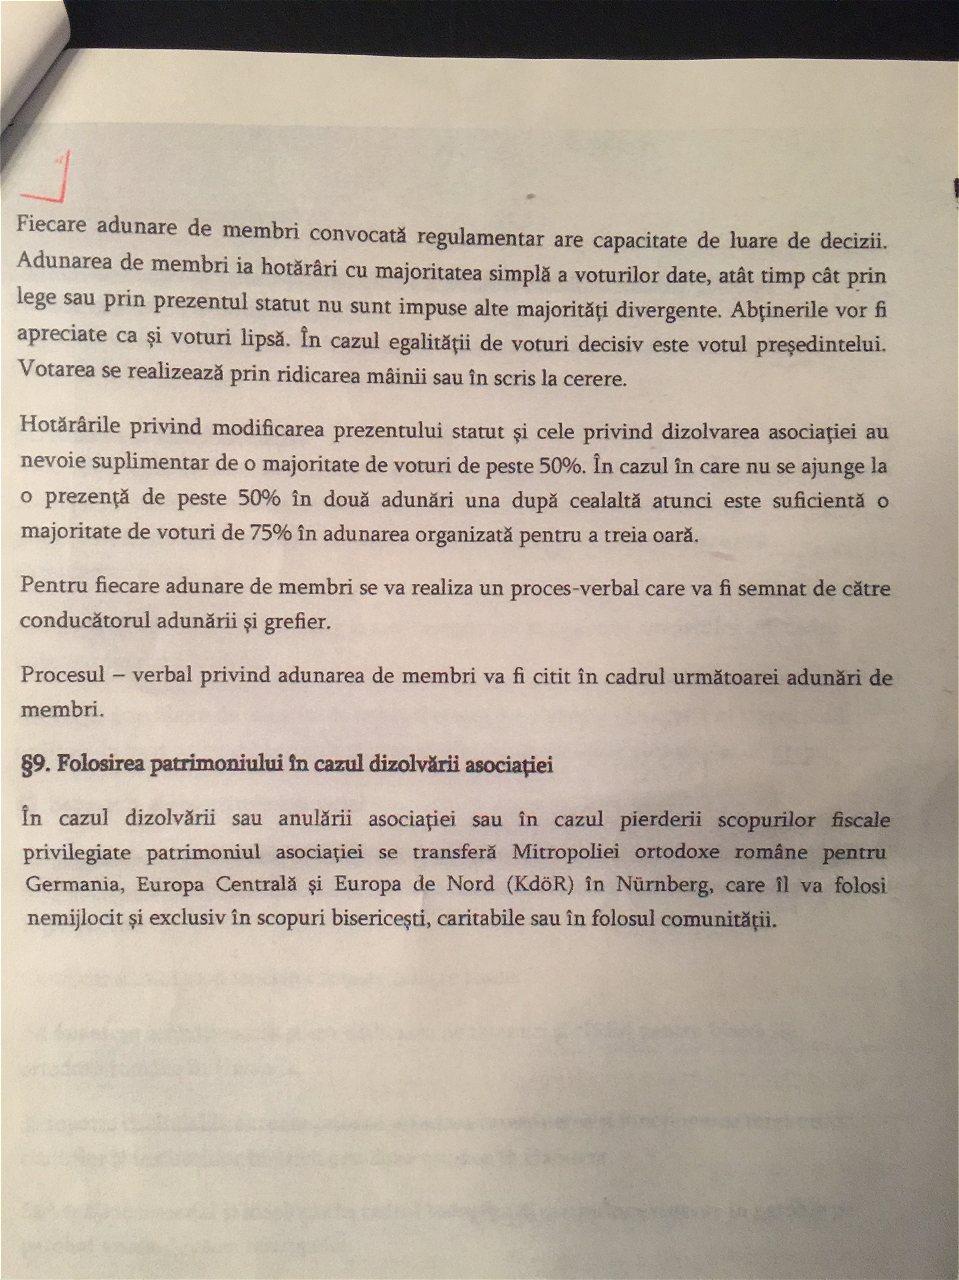 ADUNARE - Definiția din dicționar - Resurse lingvistice